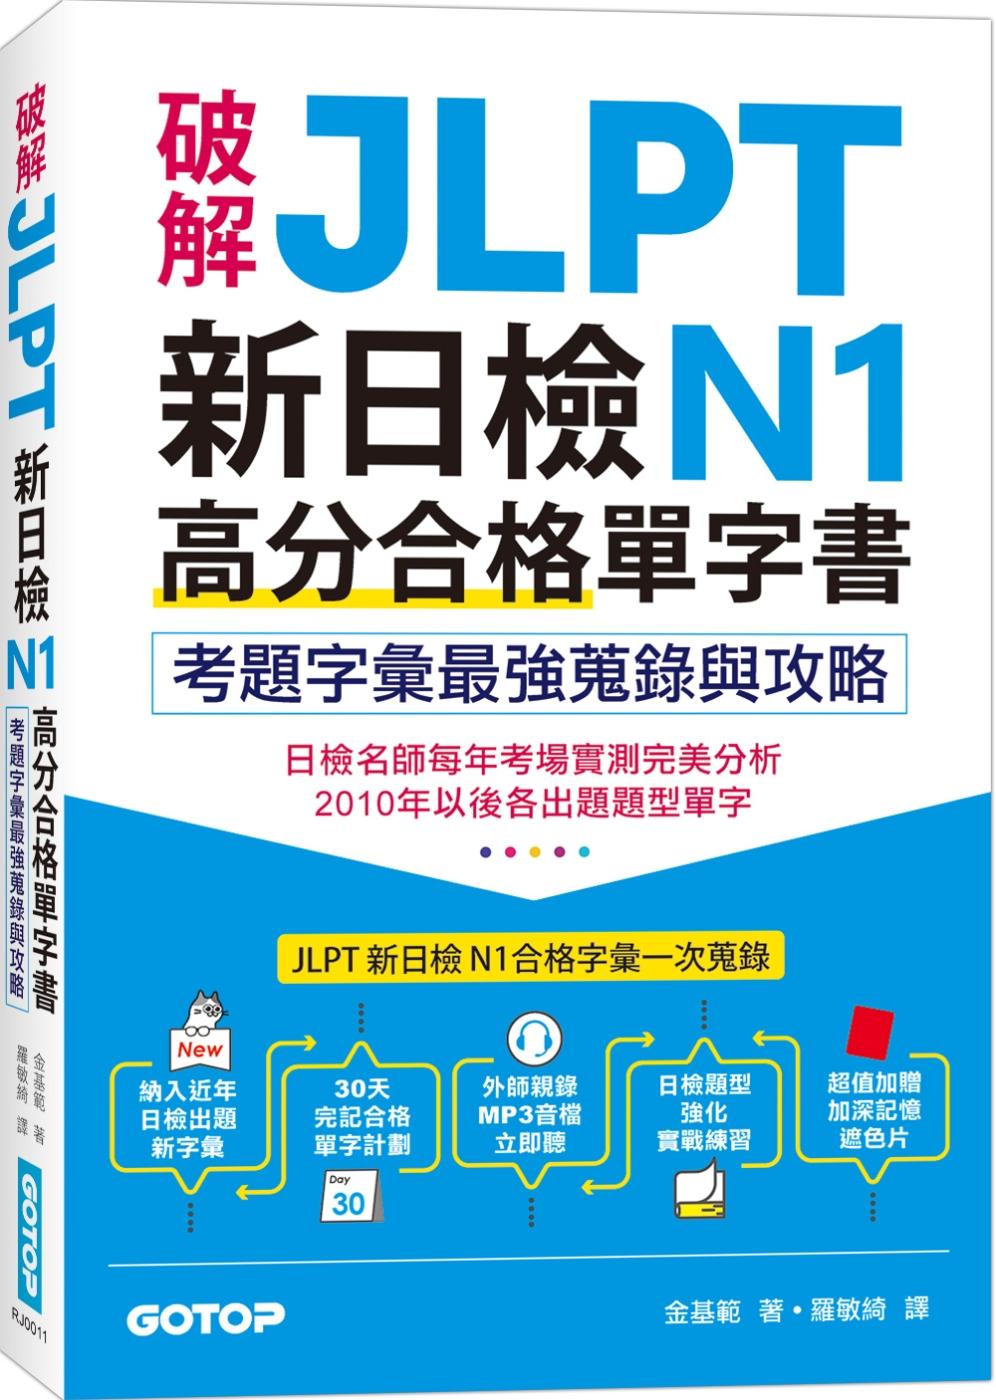 破解JLPT新日檢N1高分合格...